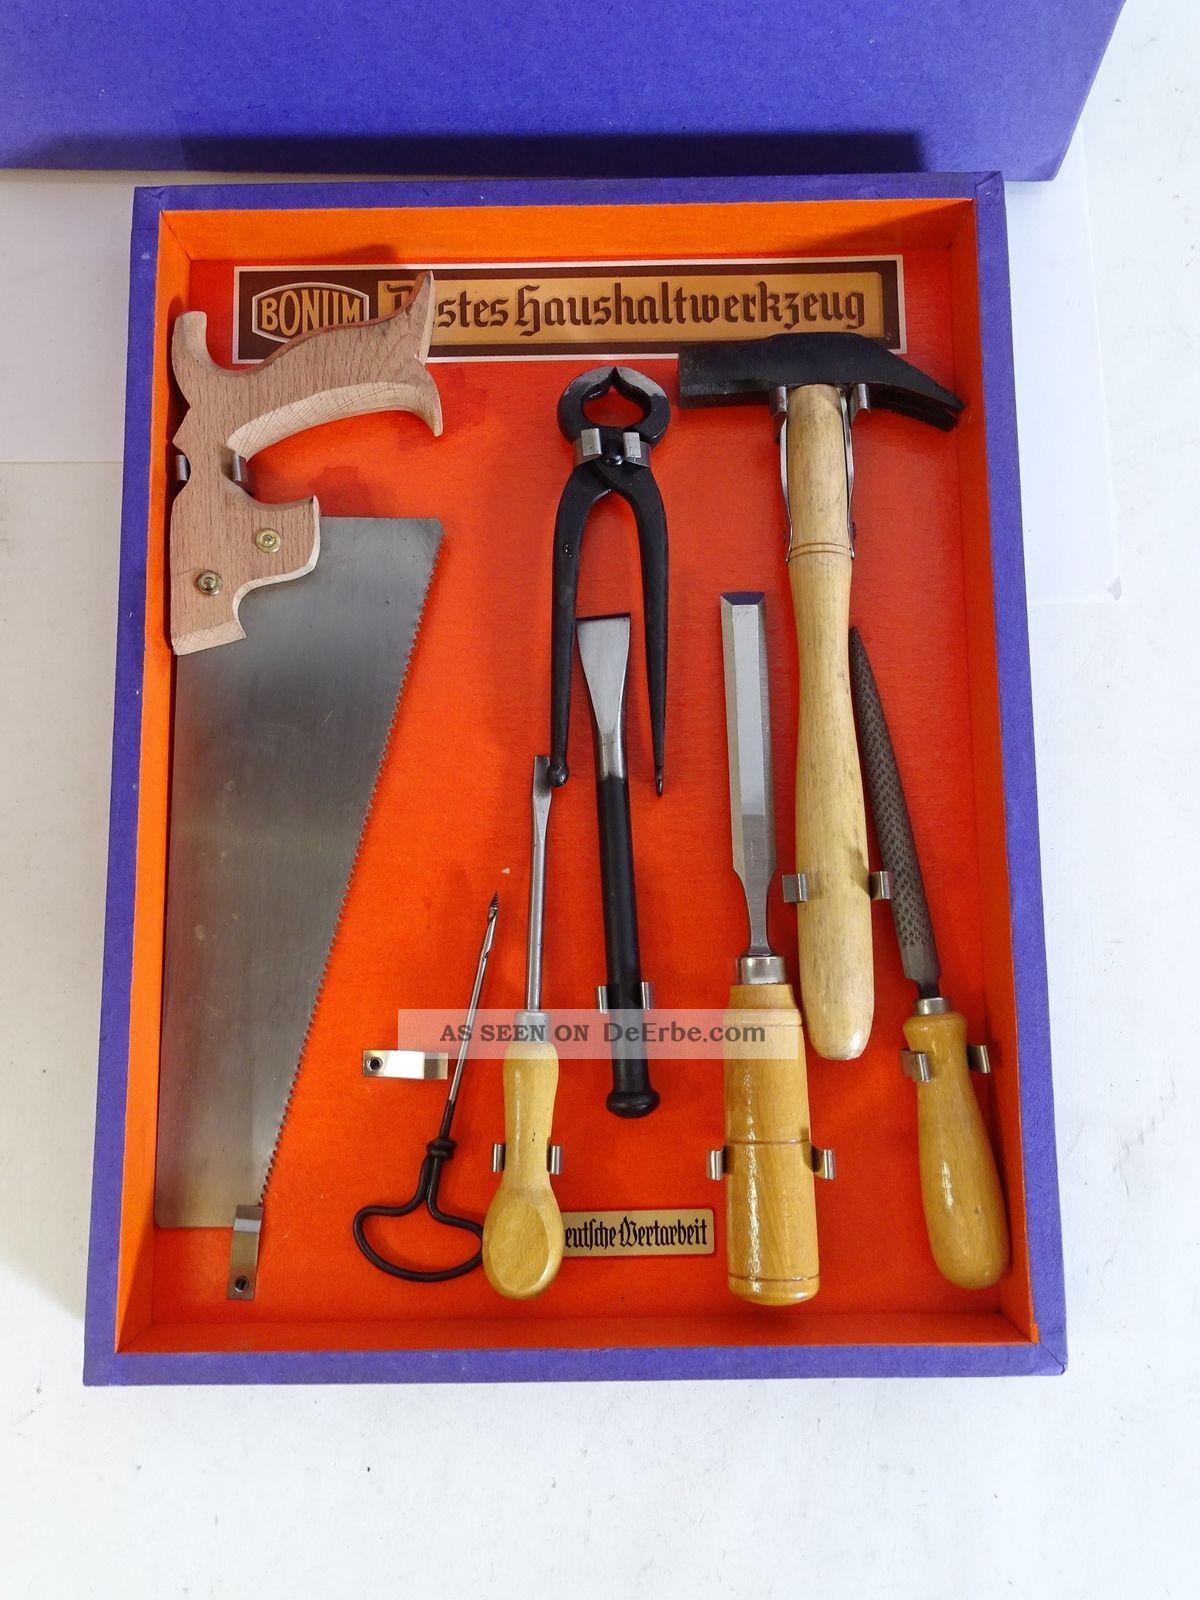 Rarität Bonum Bestes Haushaltwerkzeug Werkzeugkasten Unbenutzt Zimmermann Bild